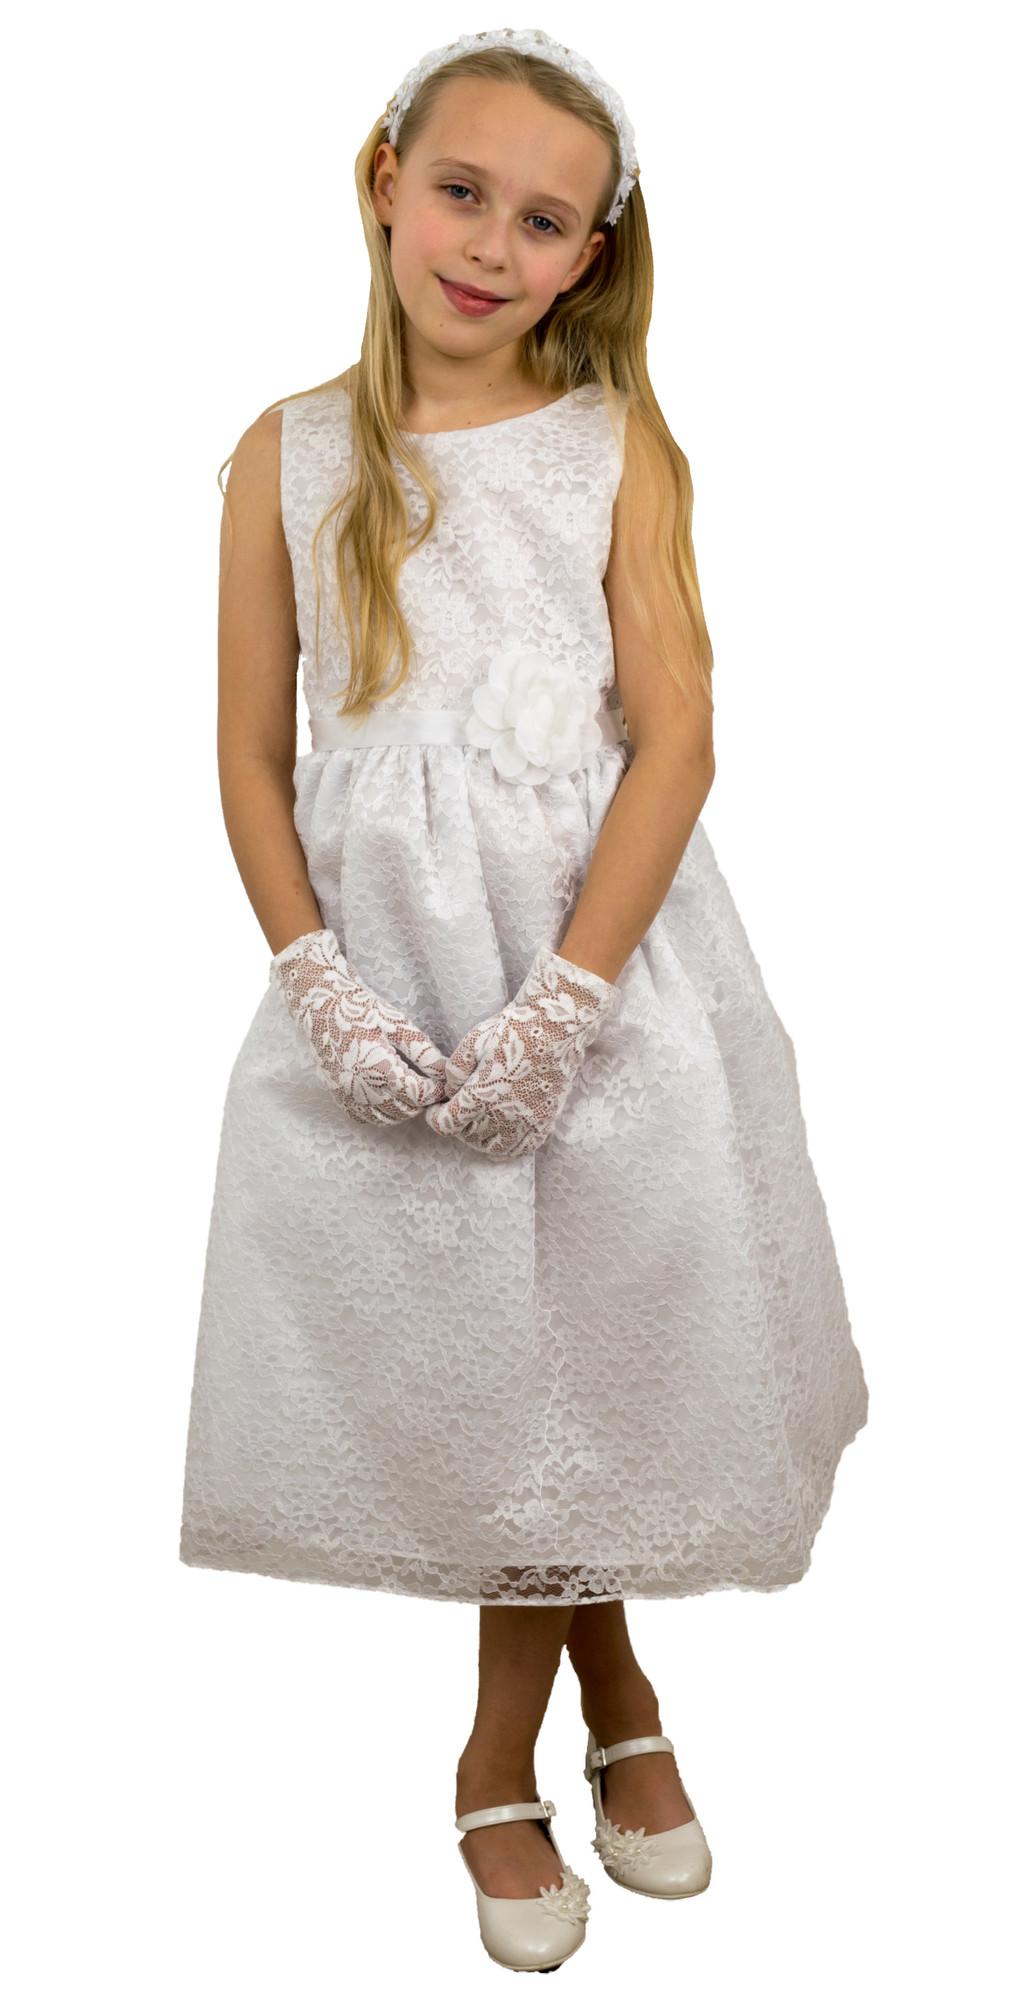 BIMARO Spitzenkleid Nelly weiß Kommunionkleid Spitze Blumenmuster Hochzeit Kommunion Taufe Kleid festlich 001